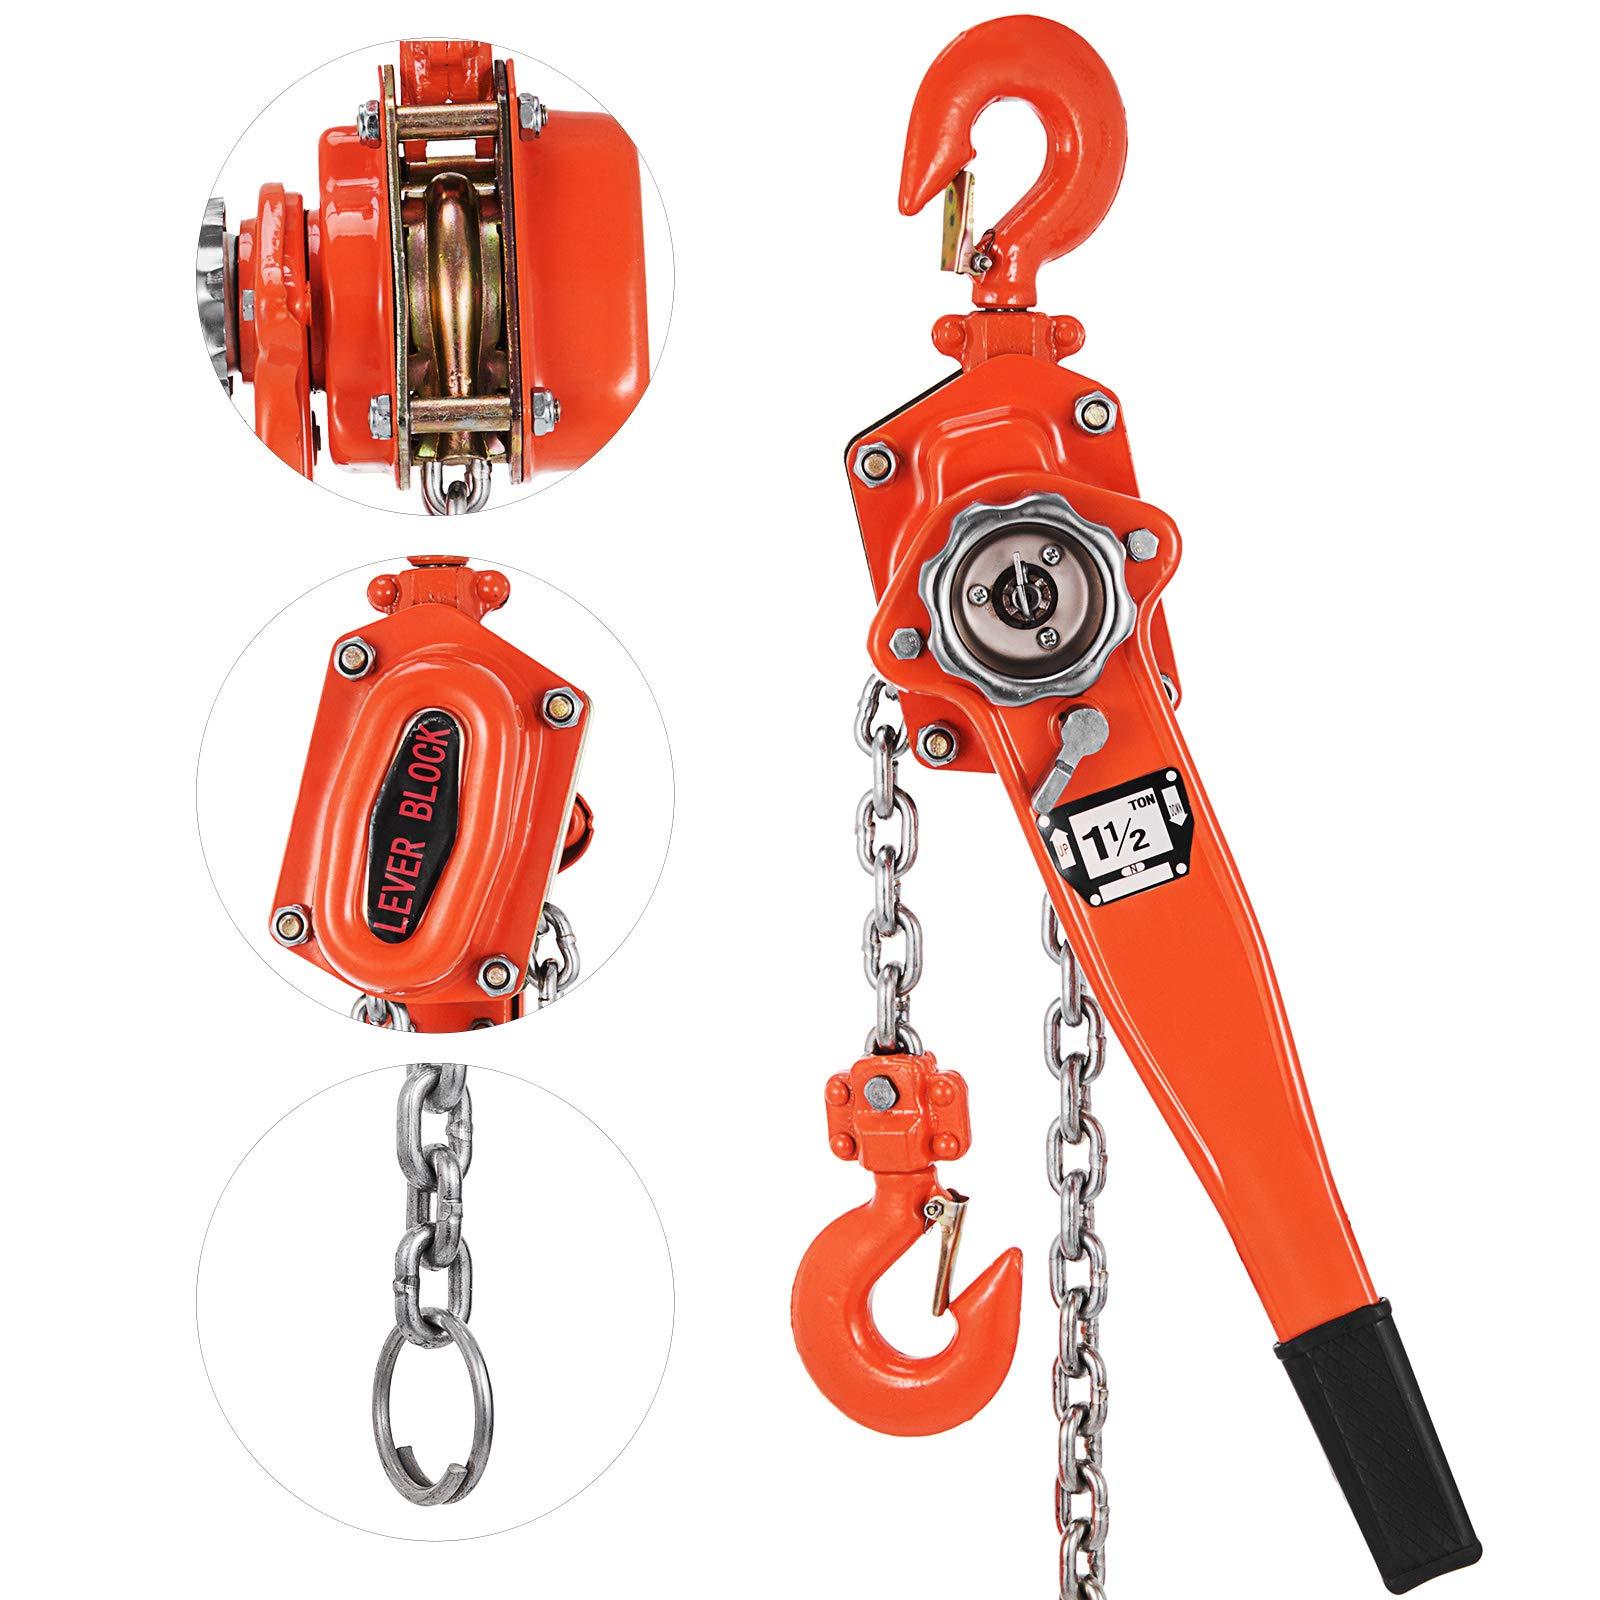 TOHO HSH-616 Lever Block//Ratchet Puller Hoist 0.75 Ton, 5ft. Chain